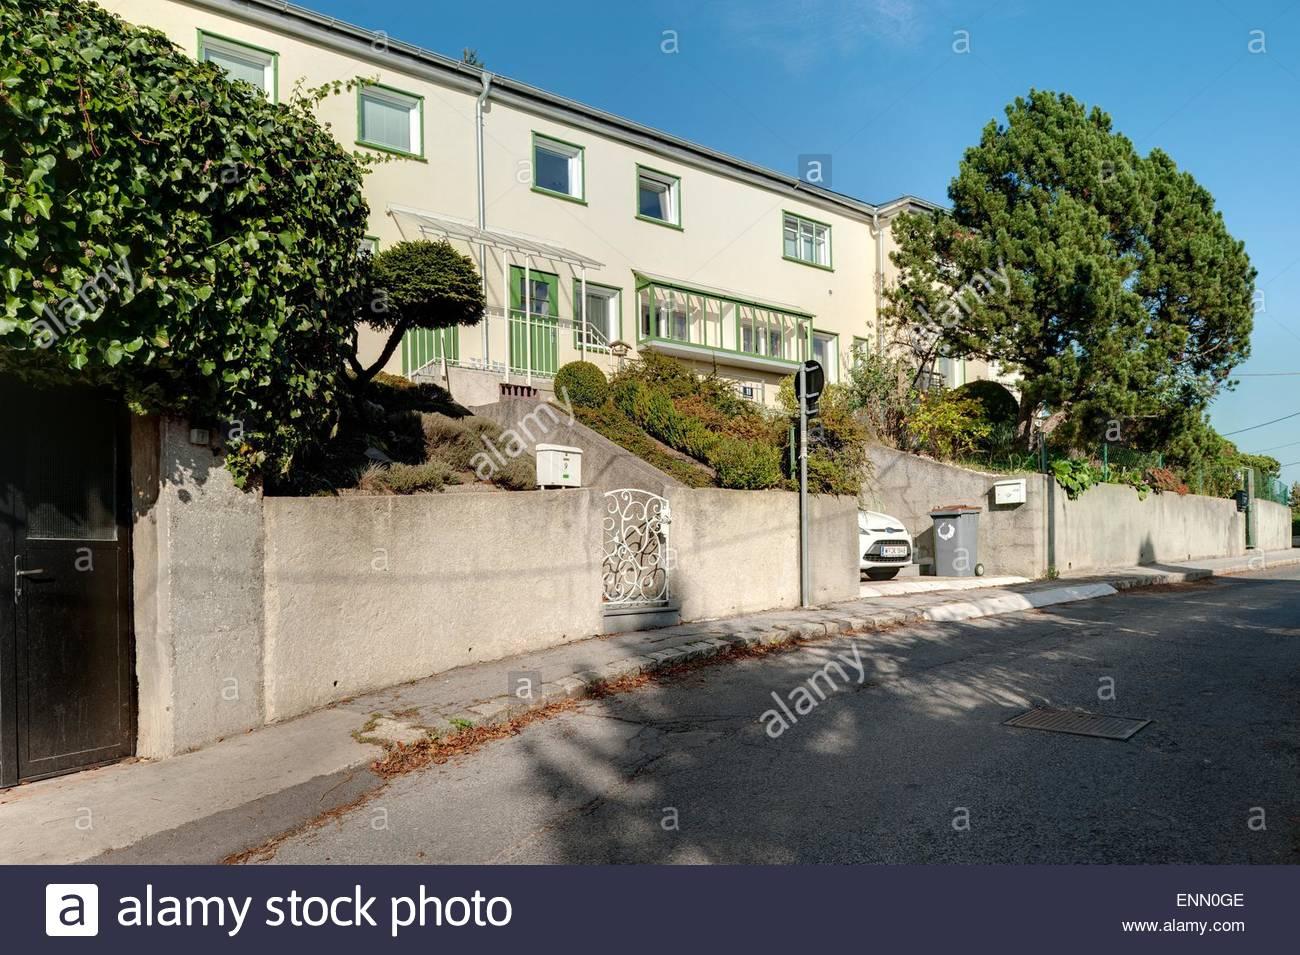 Wien, Wohnbau der Zwischenkriegszeit, Siedlung Heuberg nach einem Konzept von Adolf Loos, 1924 (In der Siedlung - Stock Image